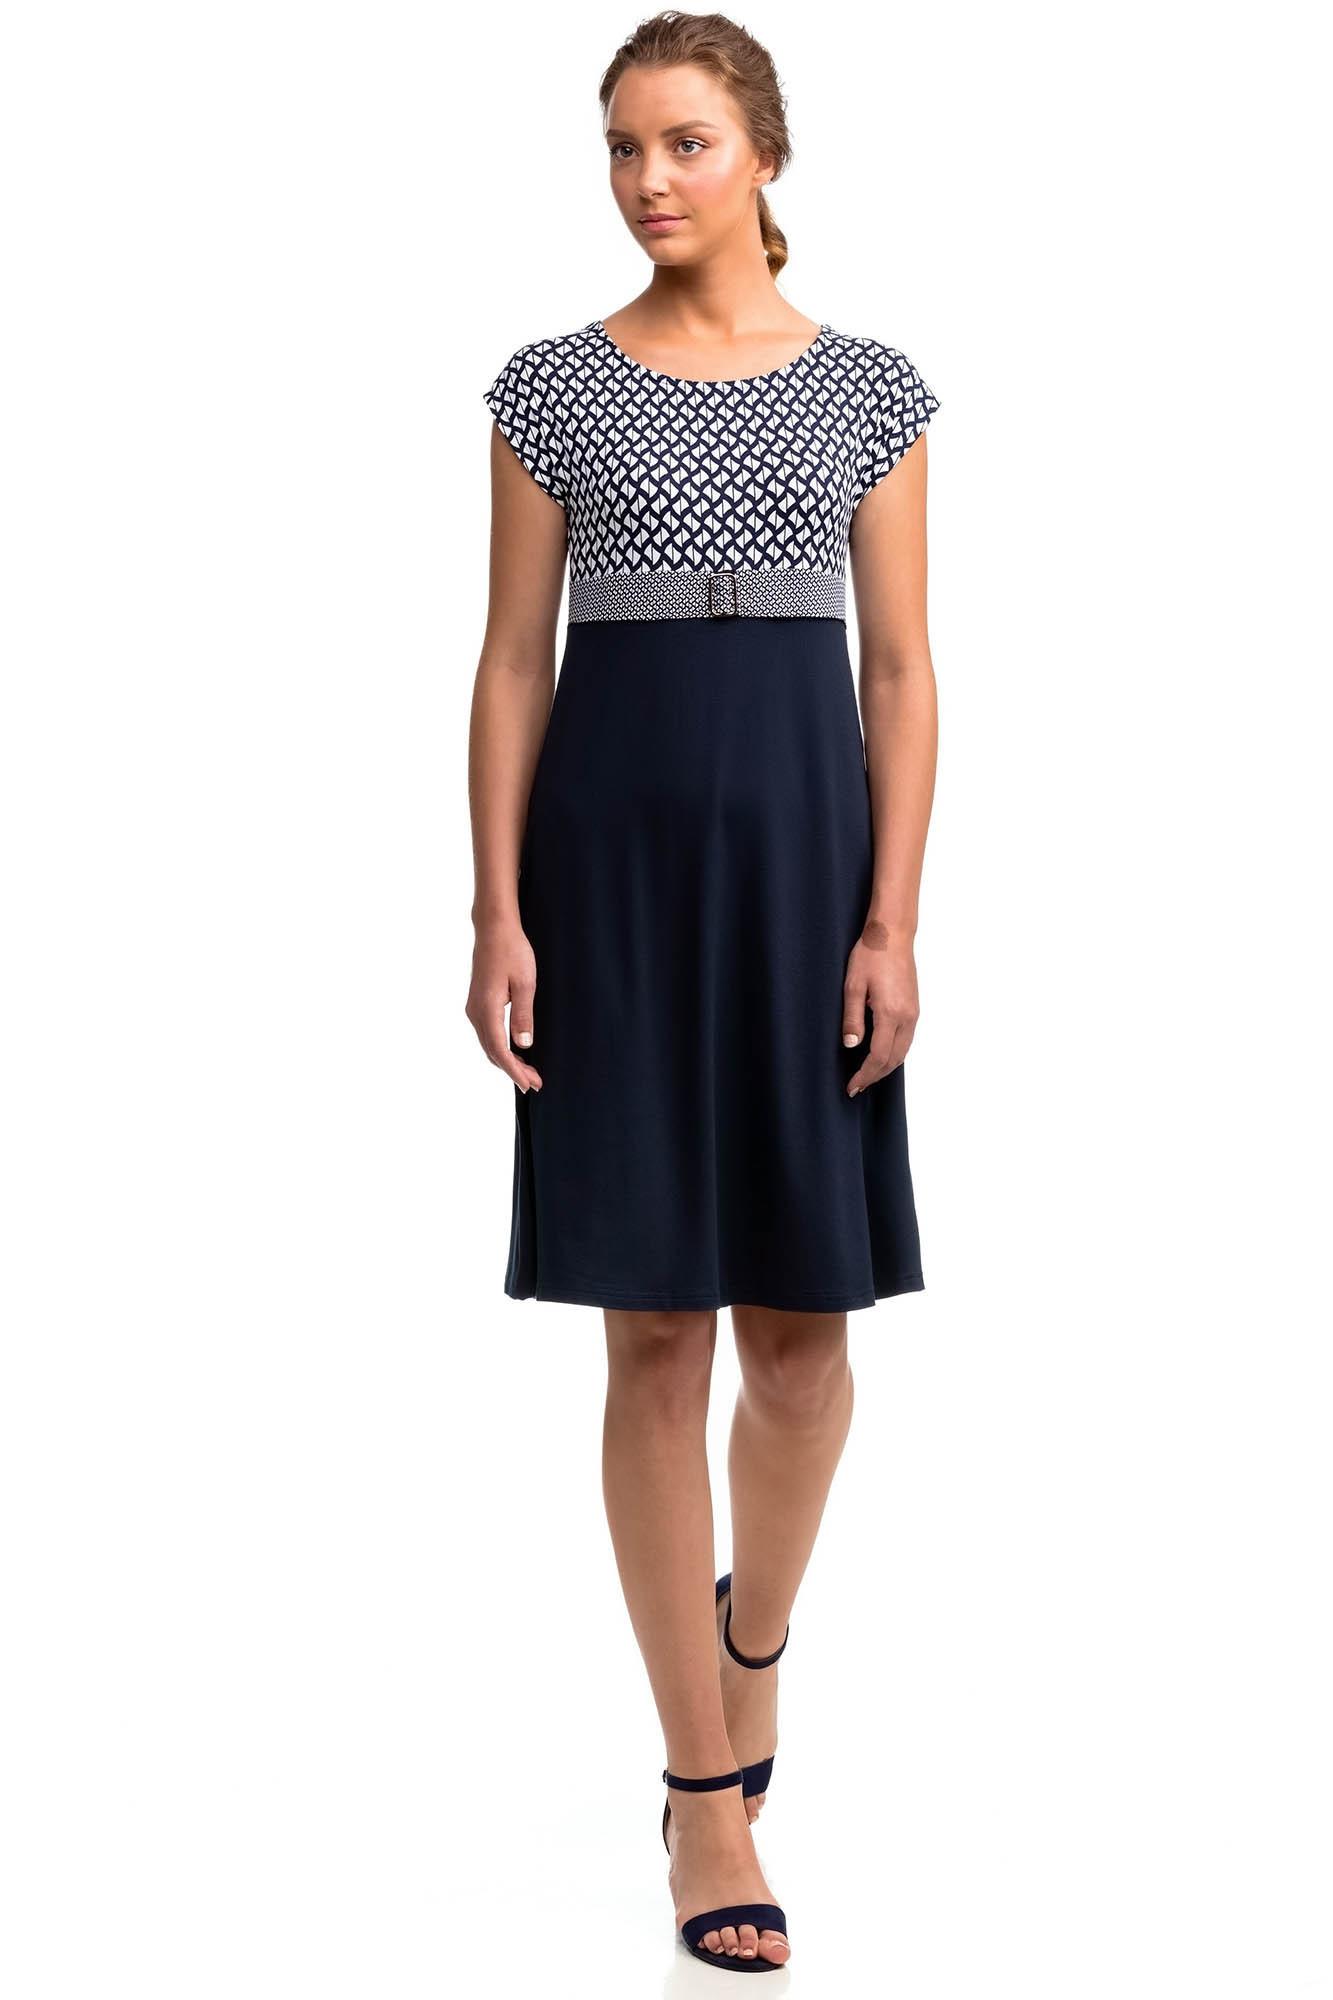 Vamp - Elegantní vzorované dámské šaty 14452 - Vamp blue xl